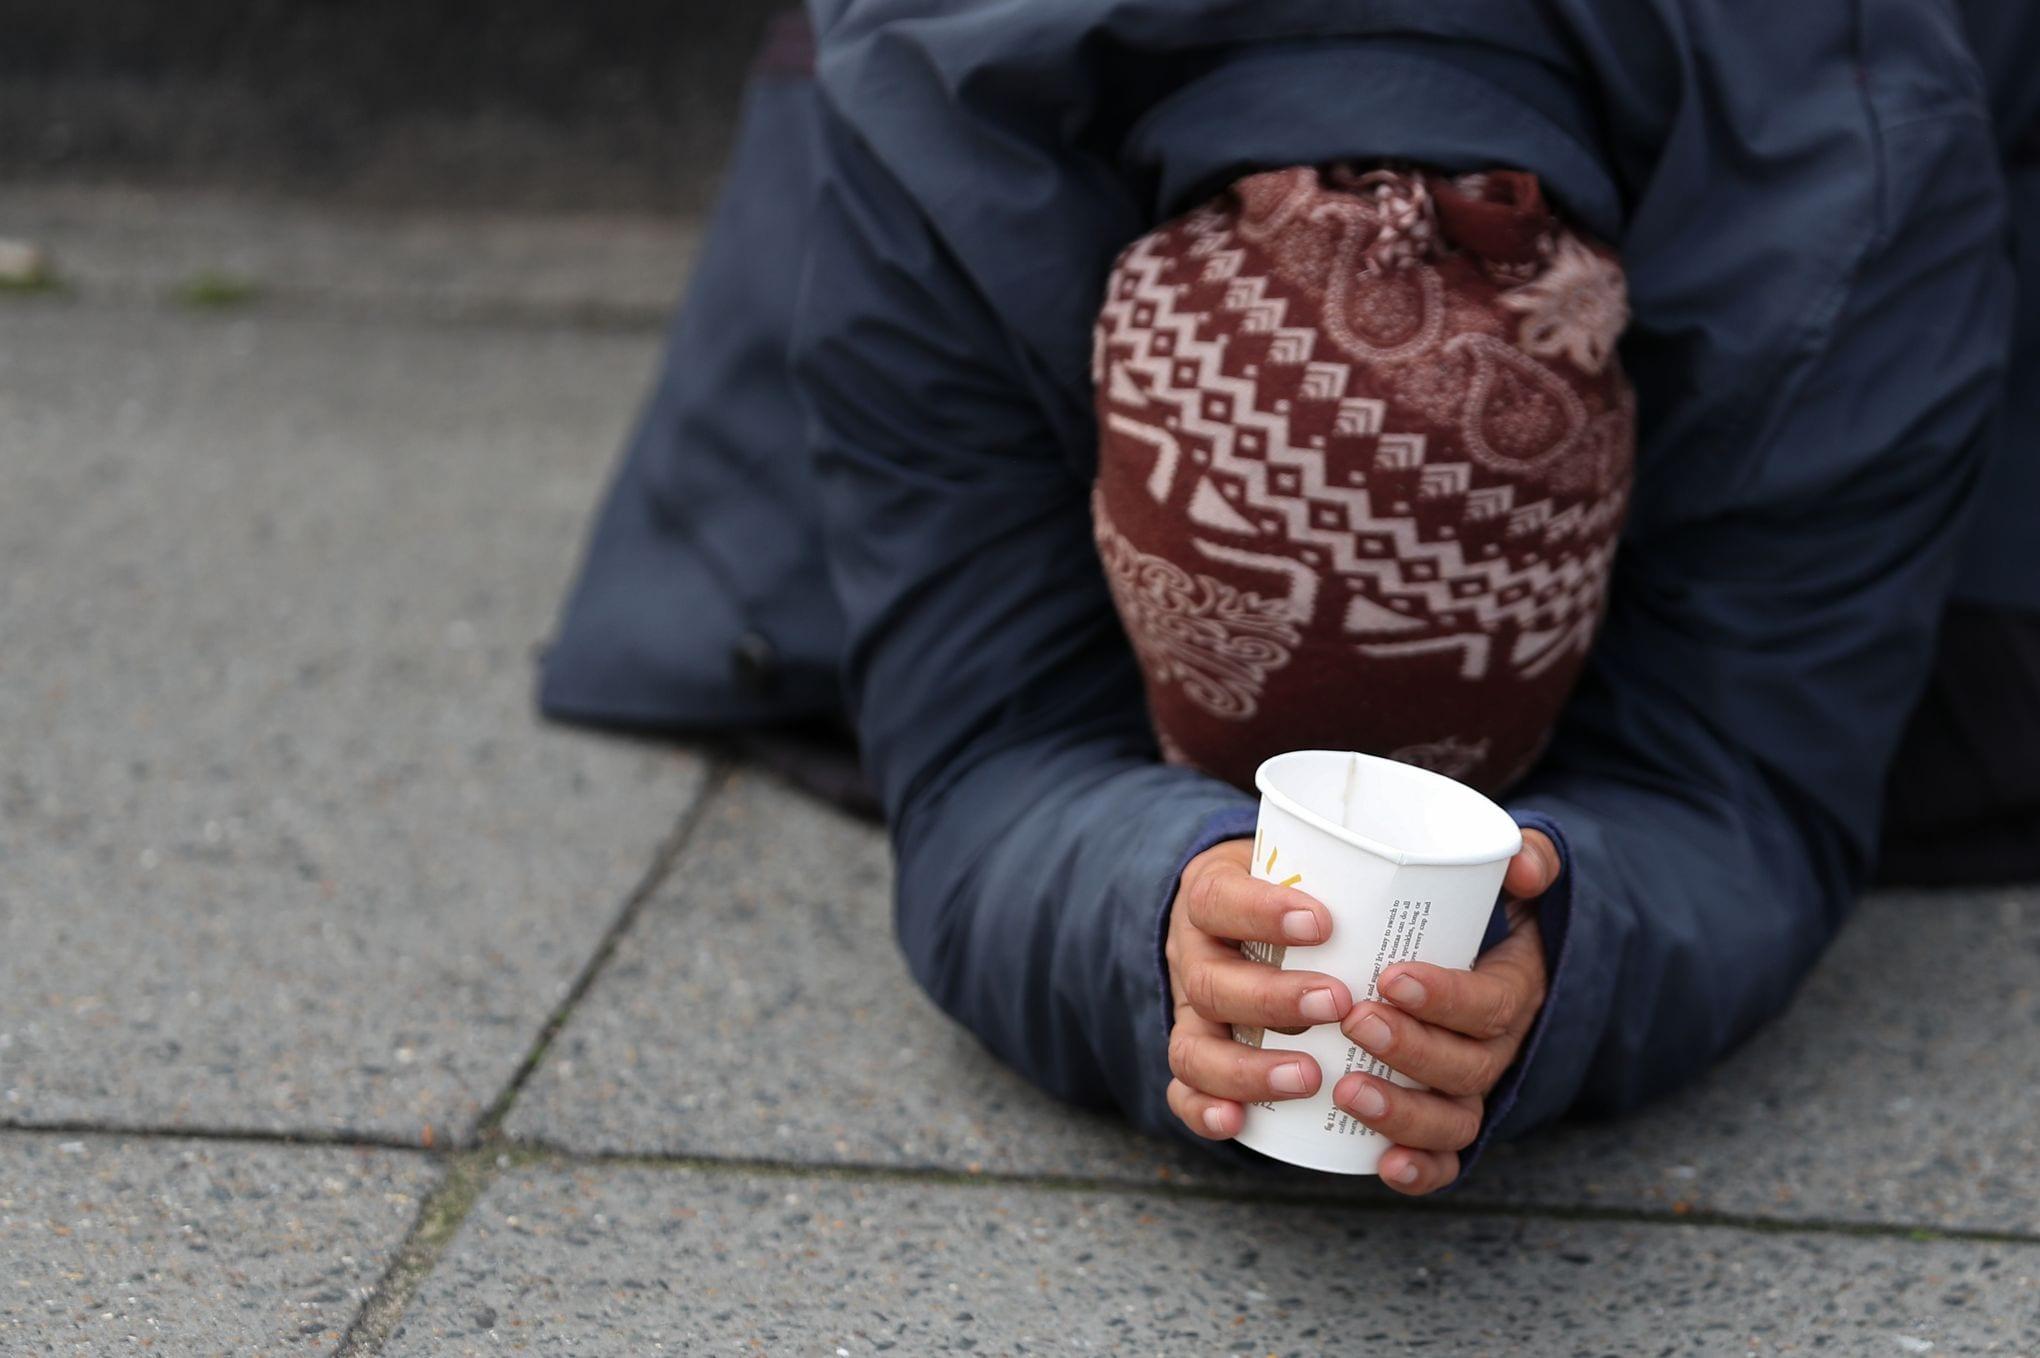 BRITAIN-HOMELESSNESS-BEGGING